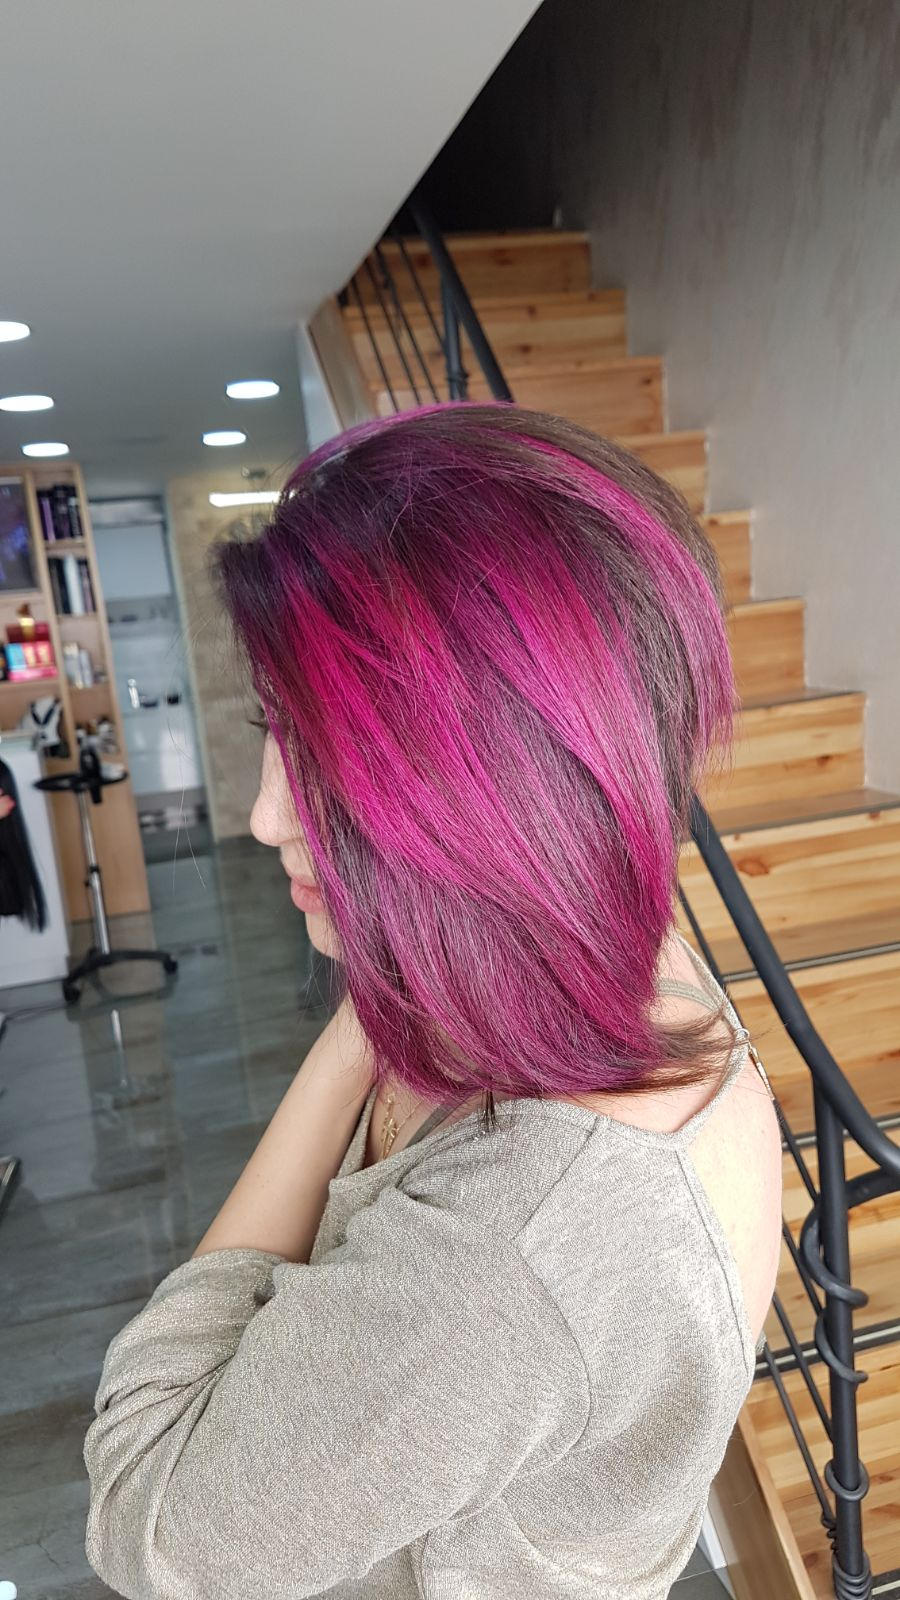 צבעי שיער פנטזיה קרית אתא נטלי לוסק